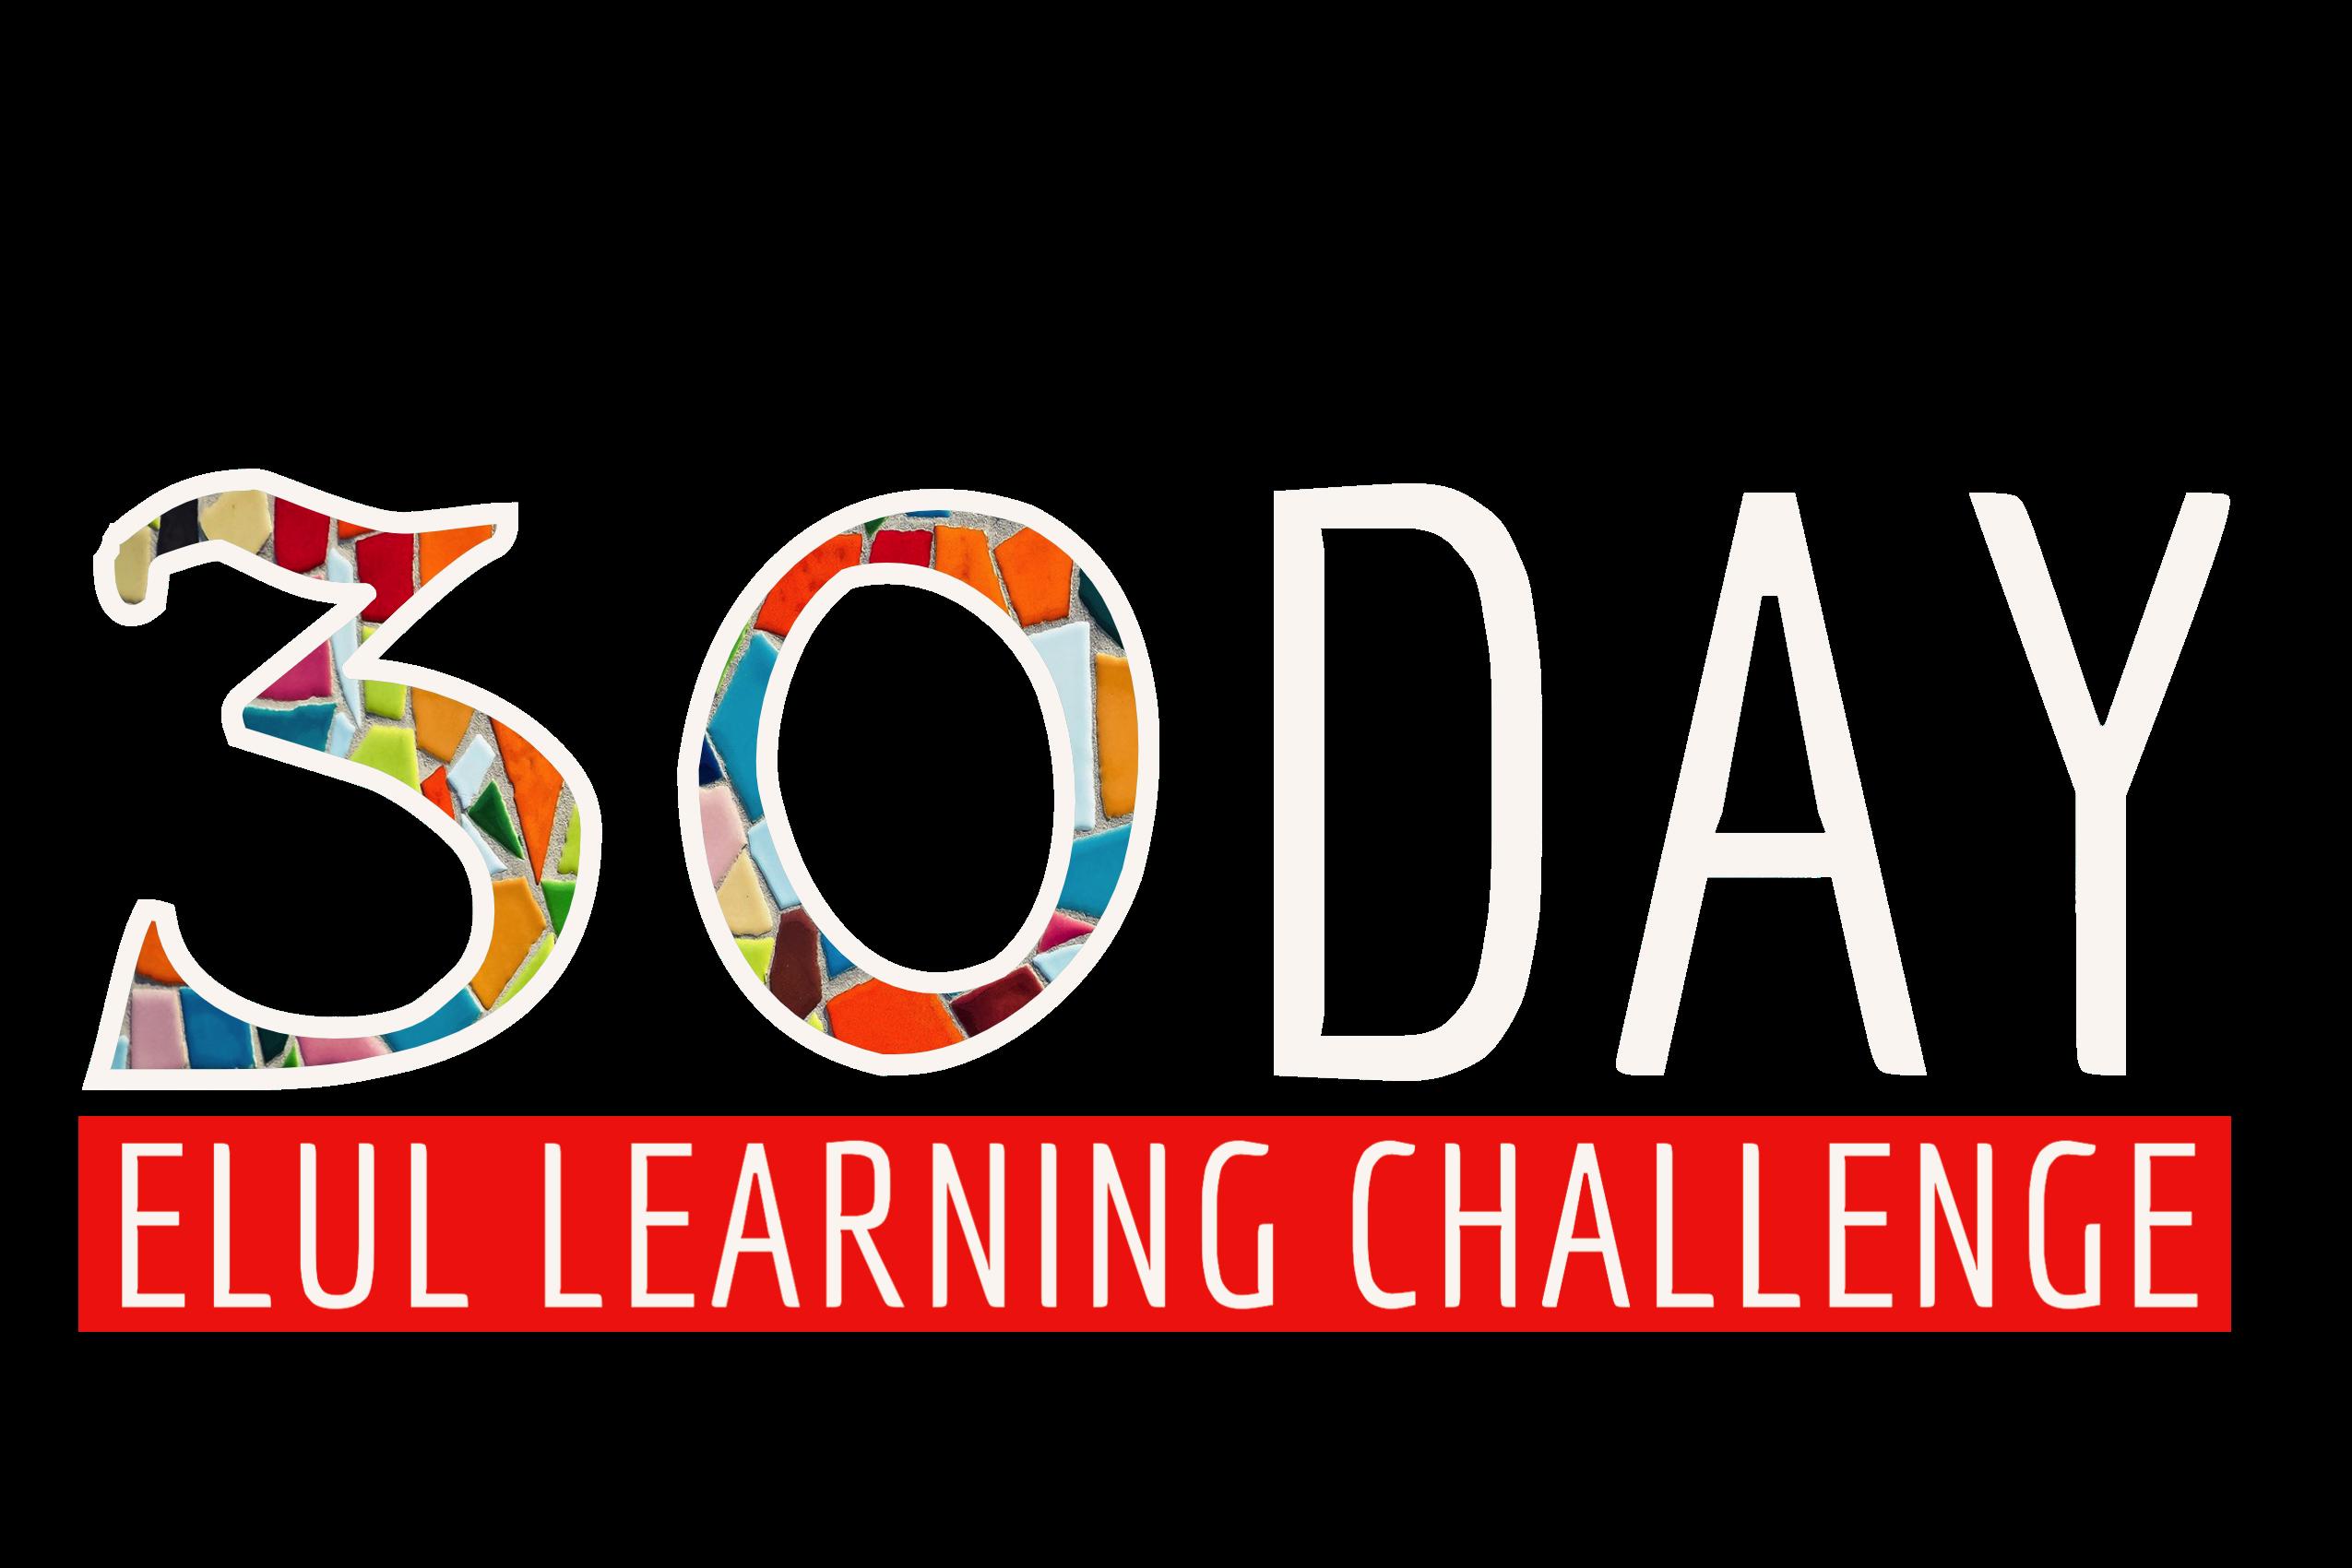 Elul Learning Challenge